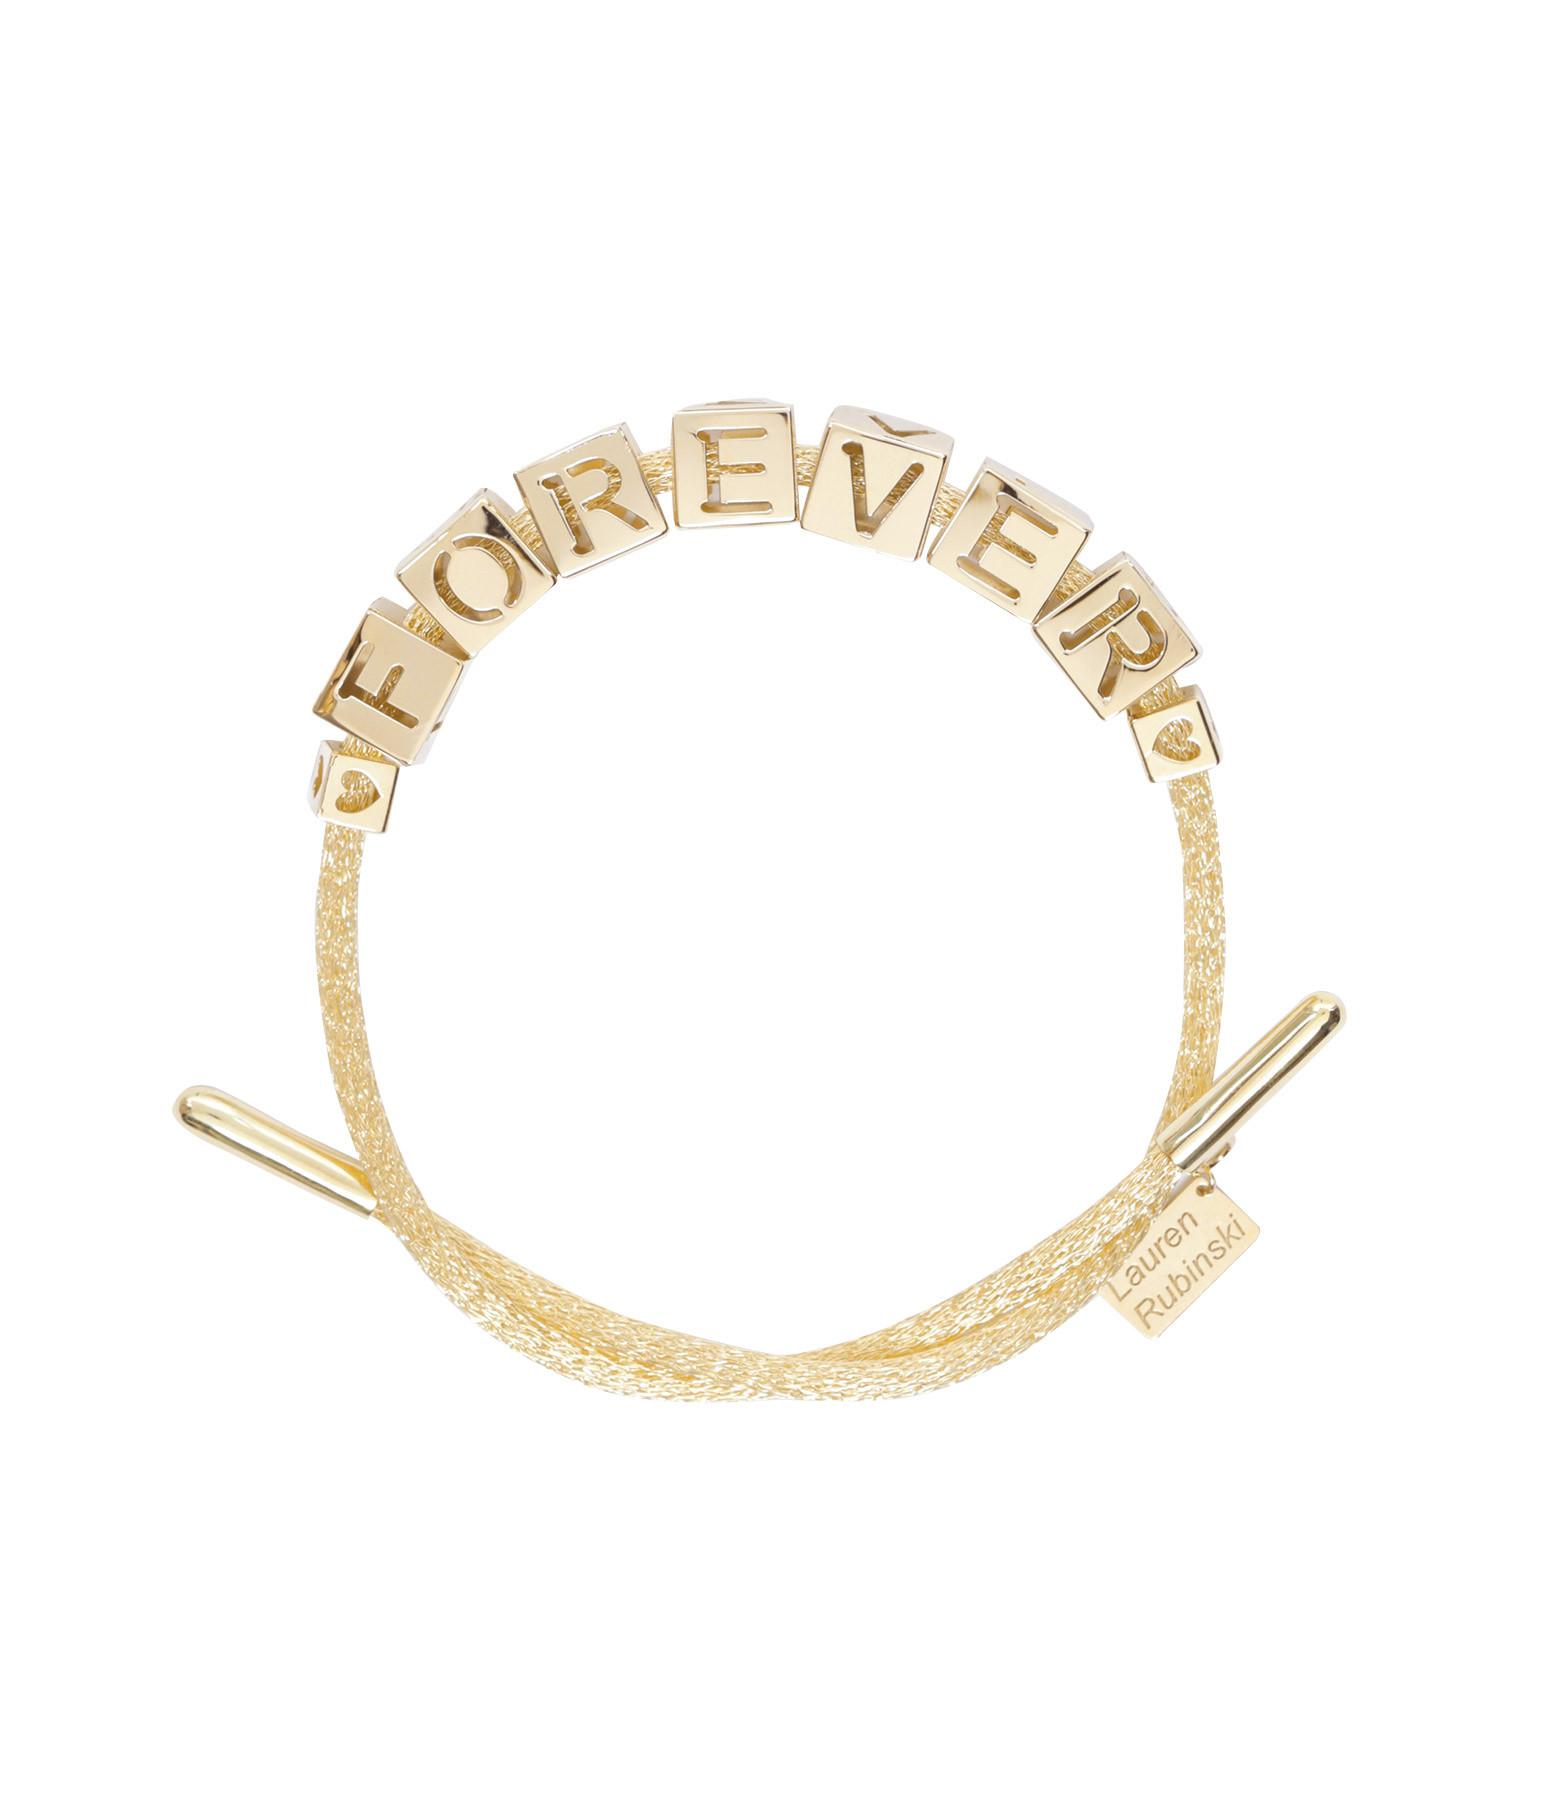 LAUREN RUBINSKI - Bracelet FOREVER 14 Carats Or Jaune